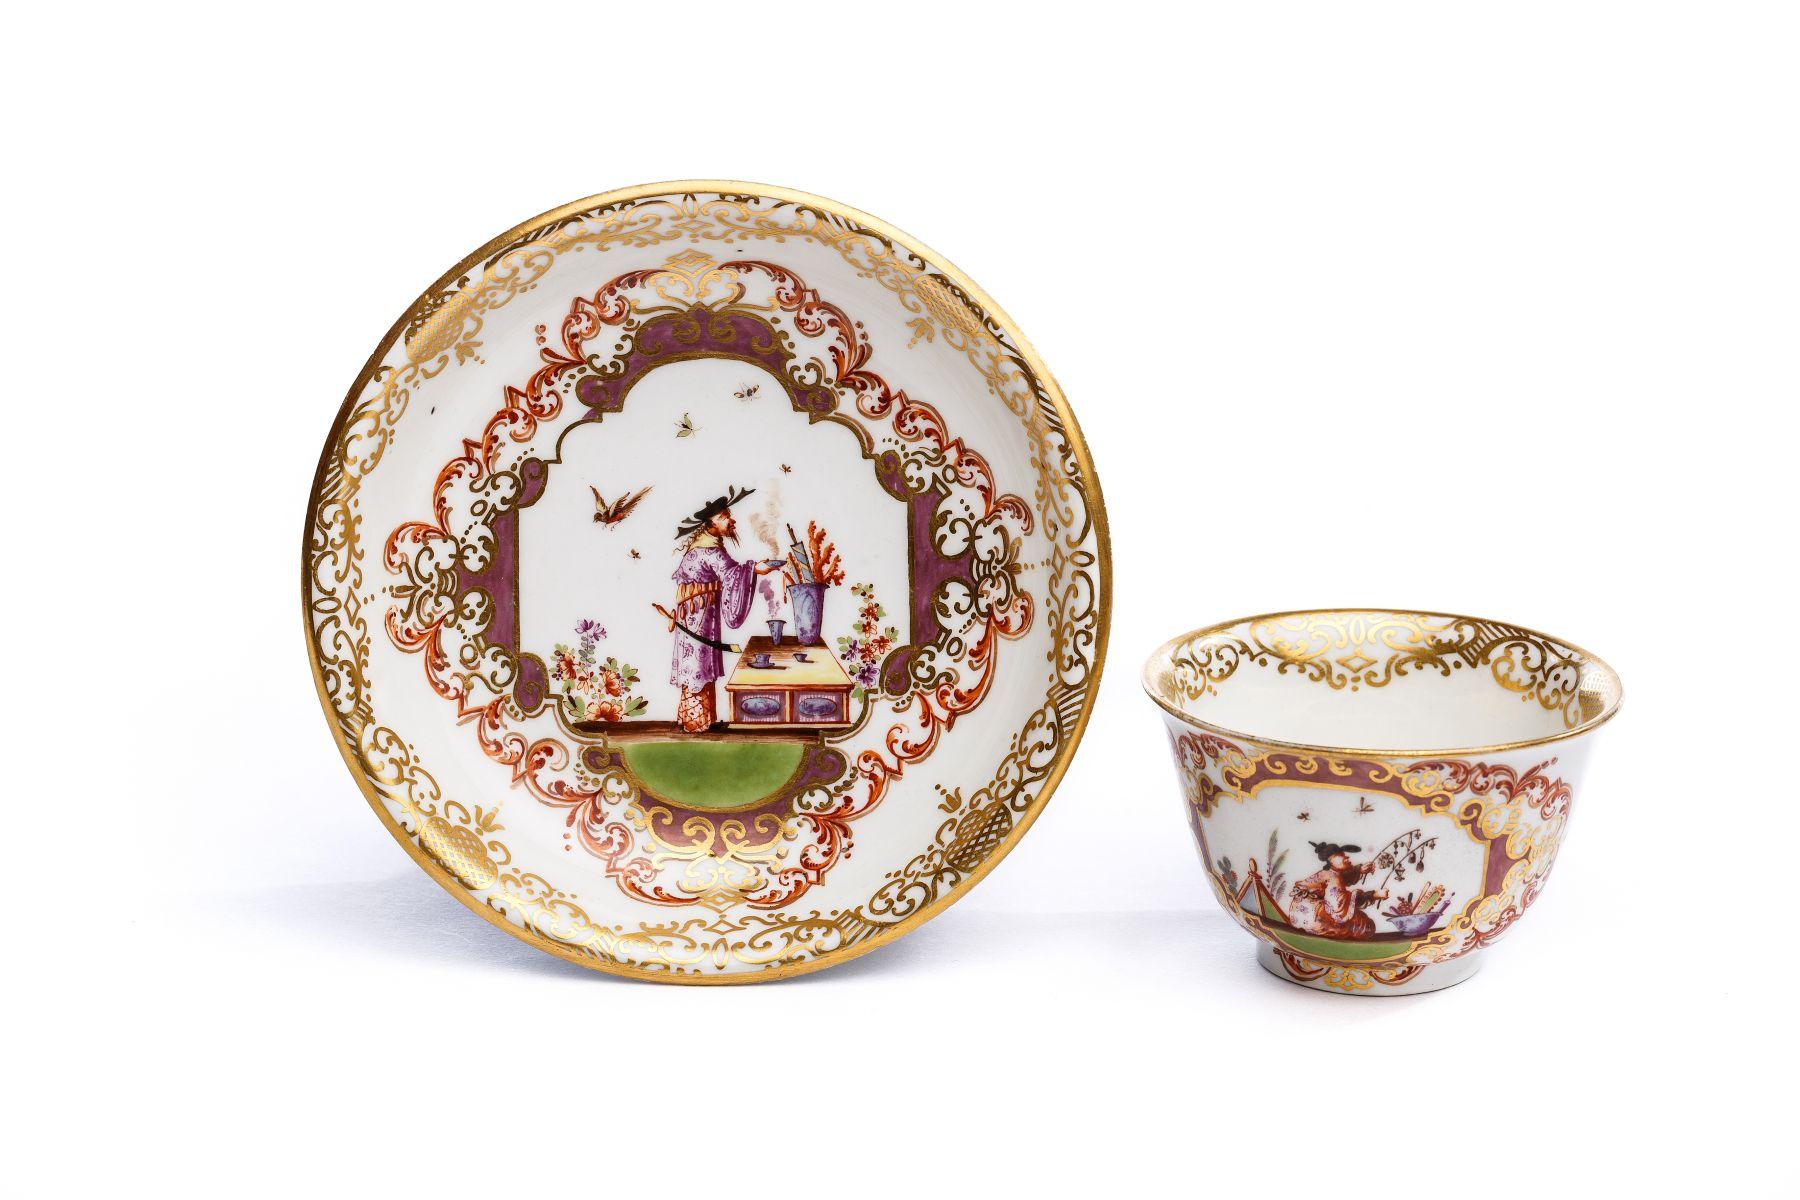 #42 Bowl with saucer, Meissen 1723/25 | Koppchen mit Unterschale, Meissen 1723/25 Image